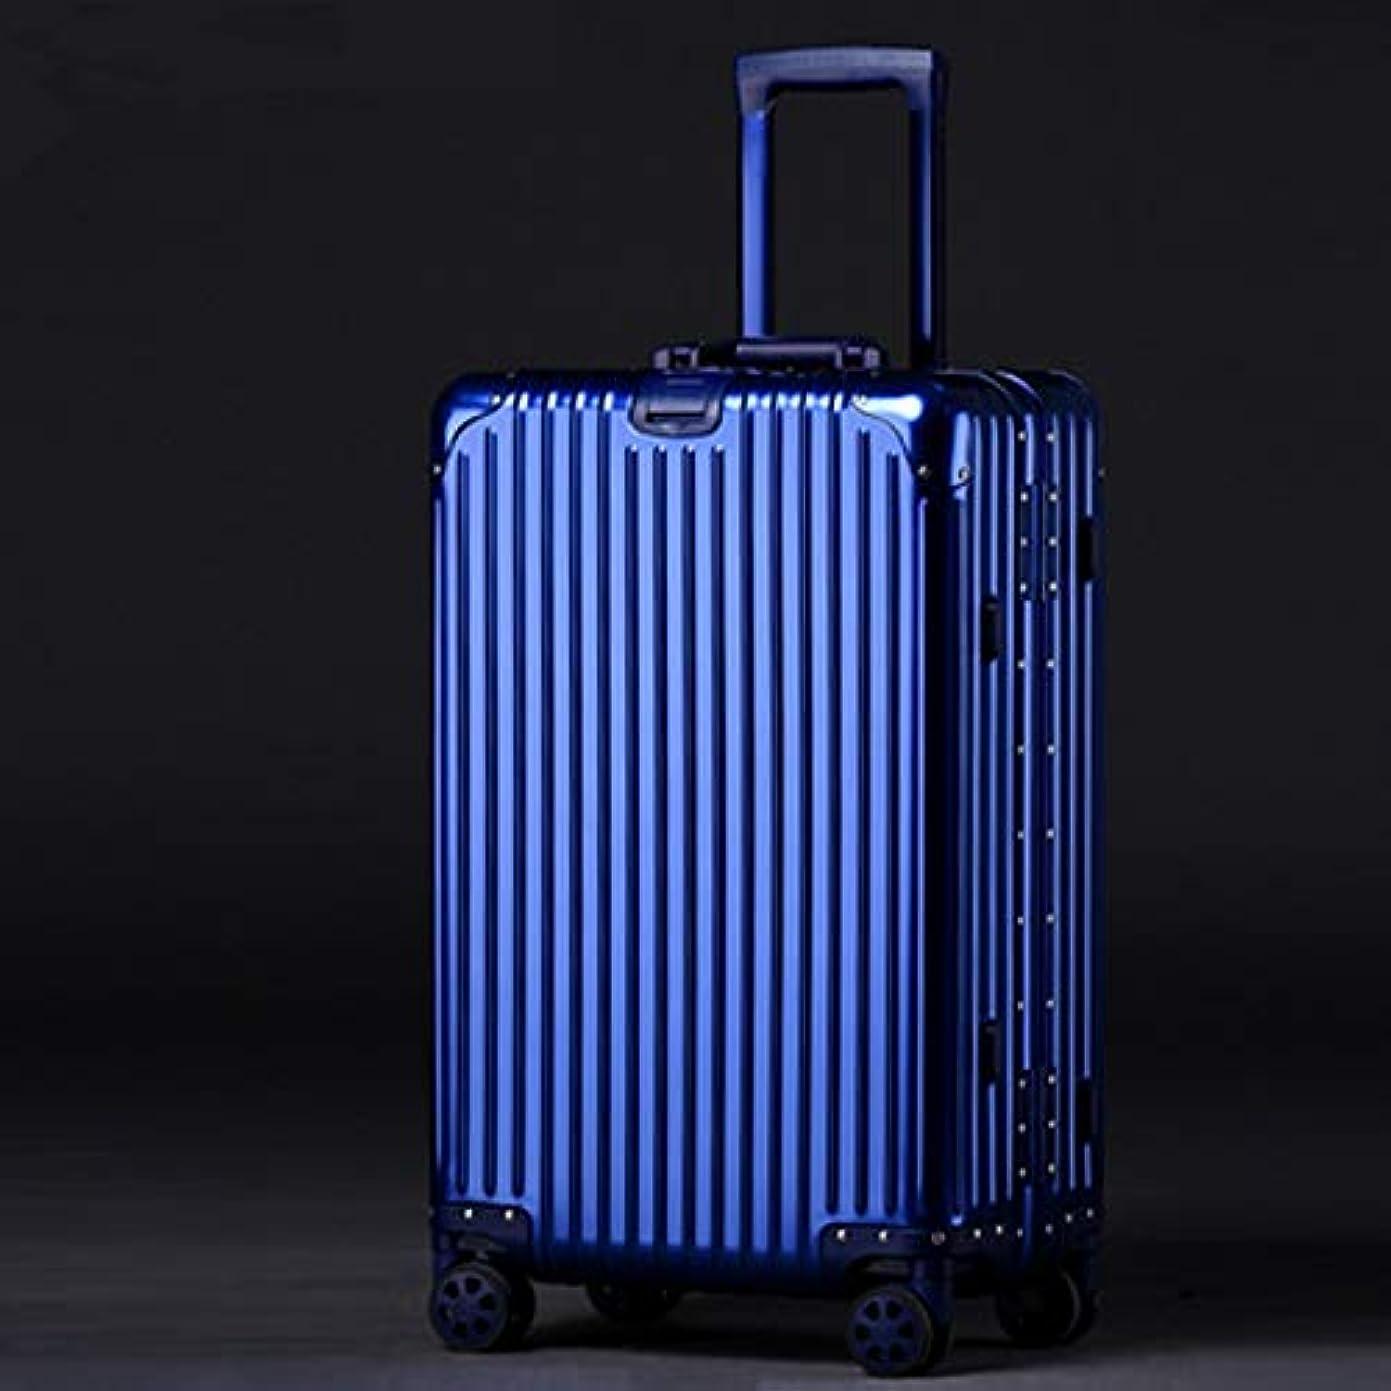 世界記録のギネスブック協定打ち負かすJTWJ 旅行荷物トロリー男女兼用韓国アルミニウムアルミニウムマグネシウム合金ユニバーサルホイール荷物大容量ロックボックス (色 : 青, サイズ さいず : 24inch)